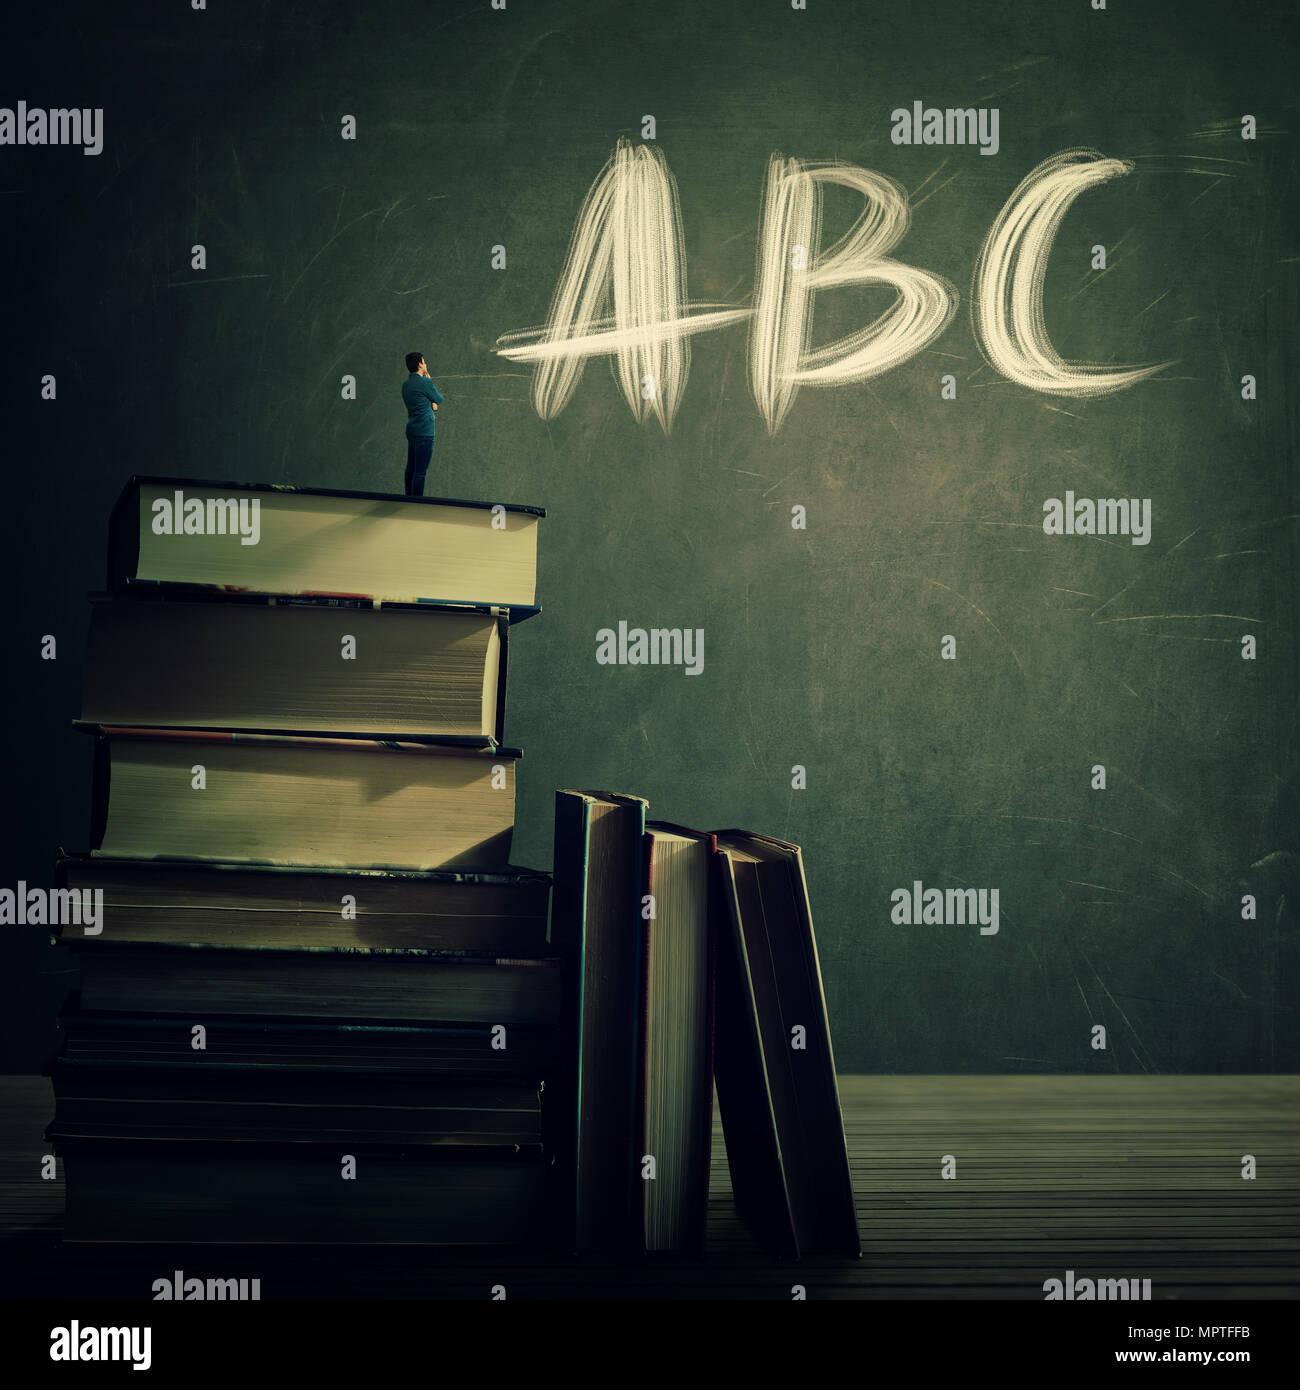 Maestro di stand sulla sommità di un enorme pila di libri guardando la lavagna con ABC lettere scritte. L educazione e la conoscenza del concetto. Pratica di insegnamento f Immagini Stock